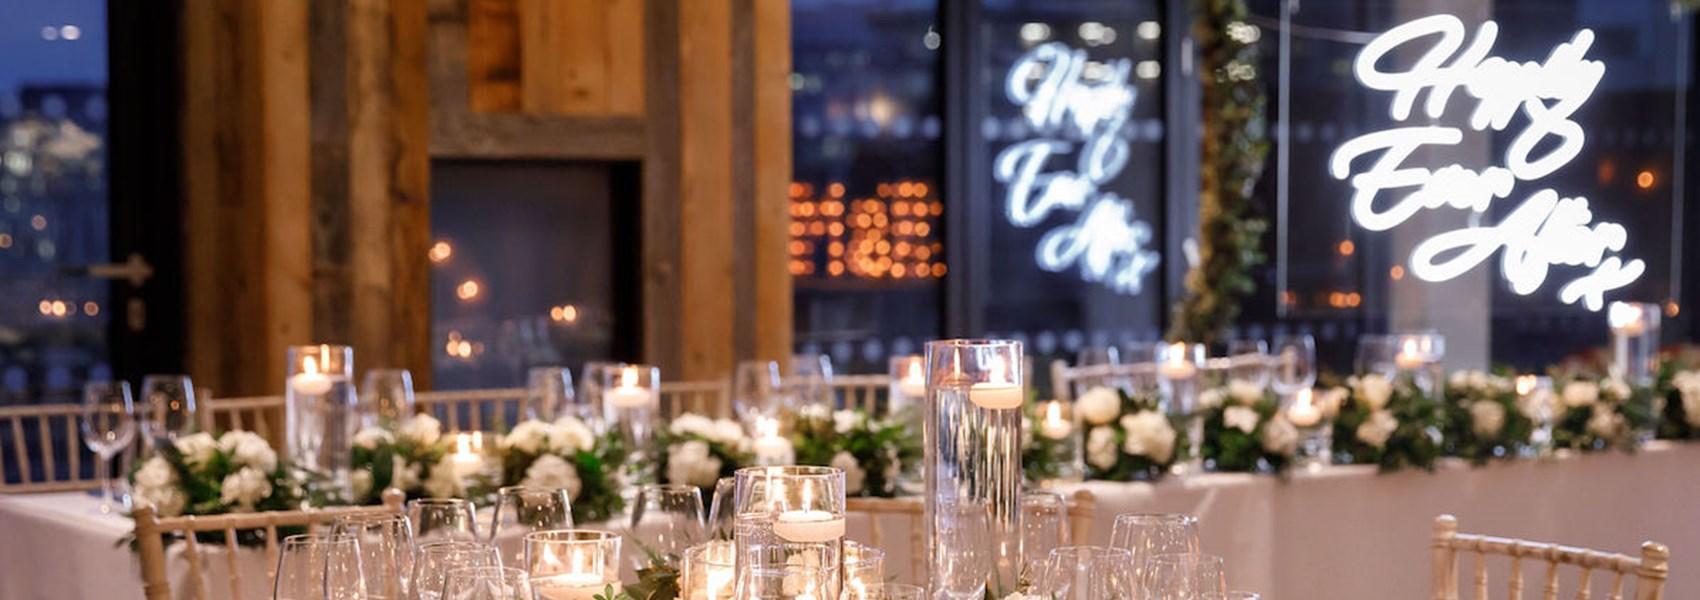 kingstreet/2020-08-10-enjva71xkdobqak4-HkcEYVVae-wedding-KSTWed2.jpeg